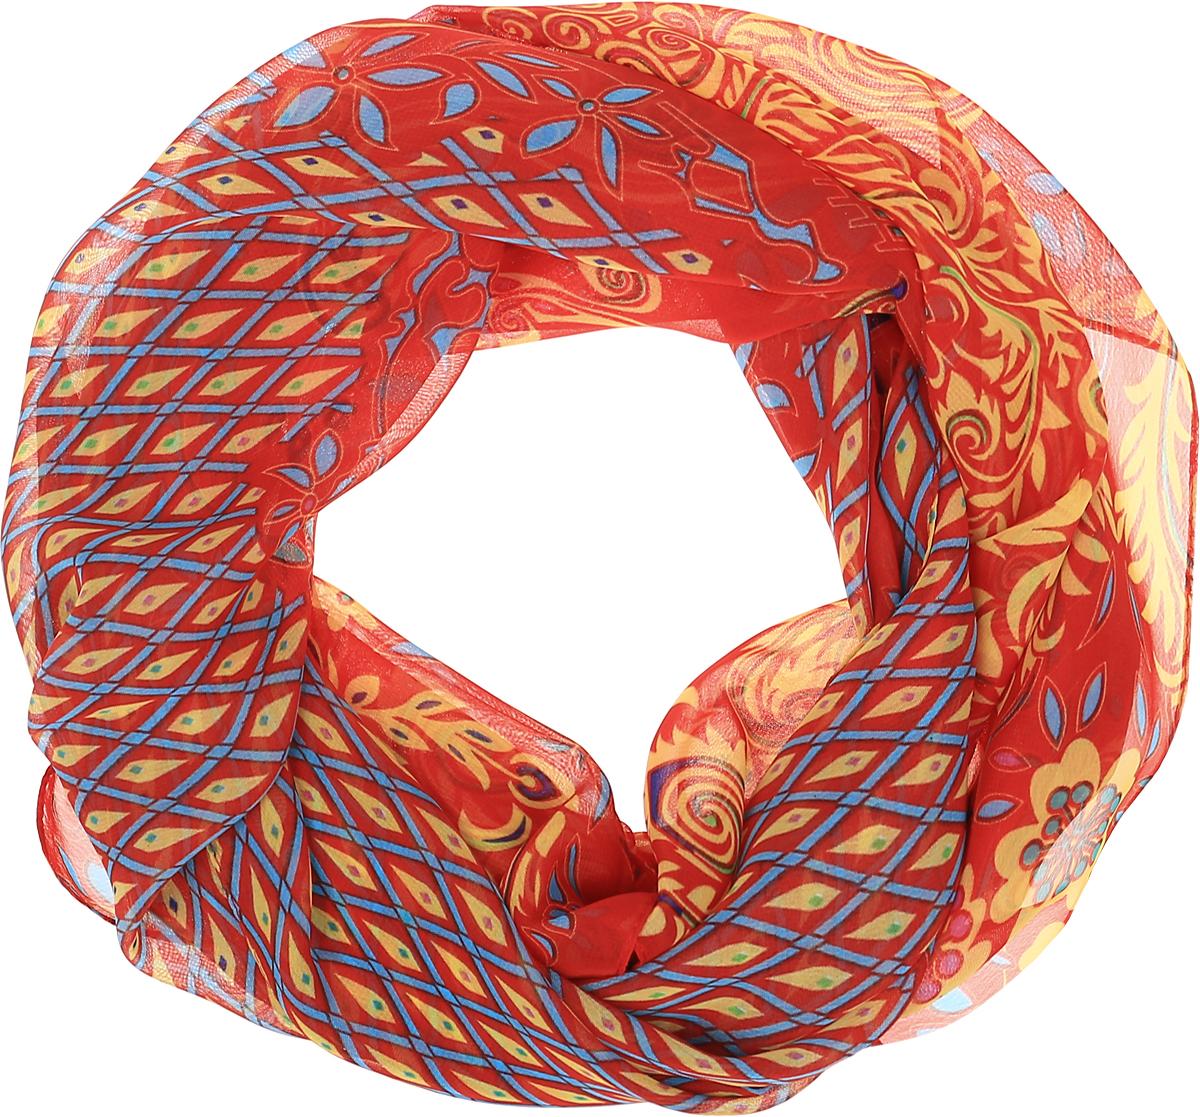 Палантин Sophie Ramage, цвет: красный, мультицвет. YY-11708-22. Размер 50 см х 160 смYY-11708-22Палантин от Sophie Ramage изготовлен из шелка и полиэстера. Модель оформлена узорным принтом и тонкой подгибкой по краям.